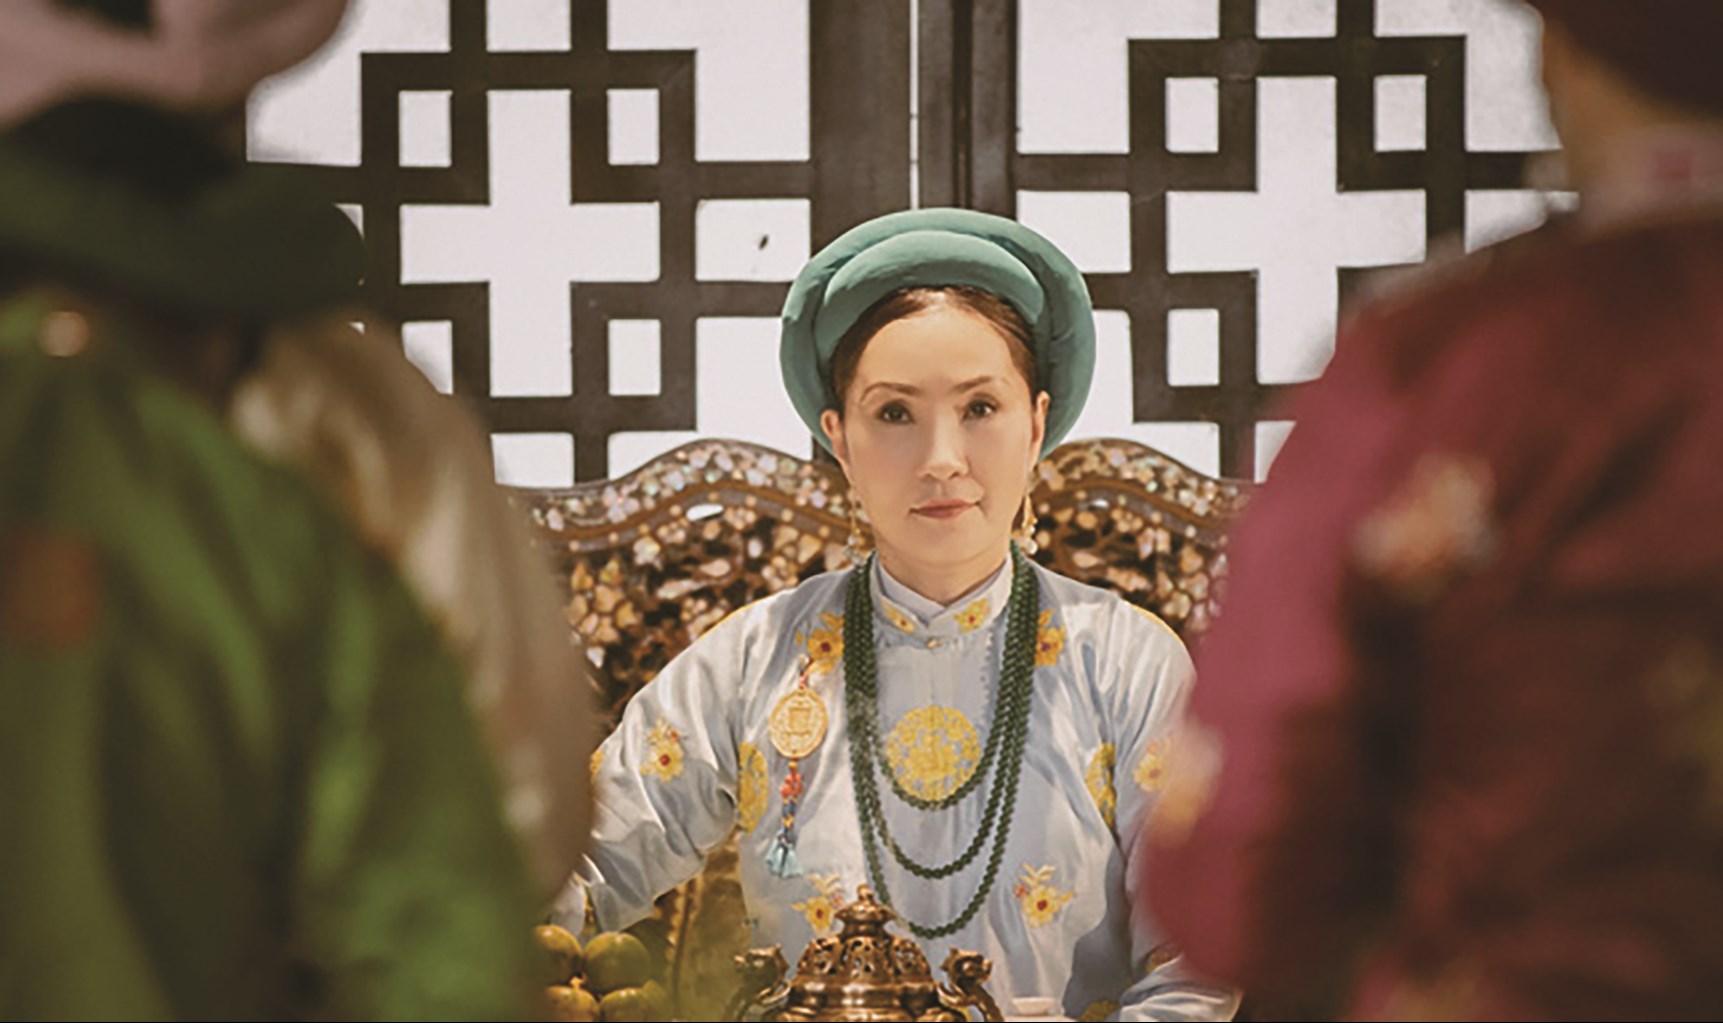 """Một cảnh trong phim """"Phượng Khấu"""" - bộ phim cổ trang Việt Nam được sản xuất để chiếu độc quyền trên ứng dụng giải trí POPS"""